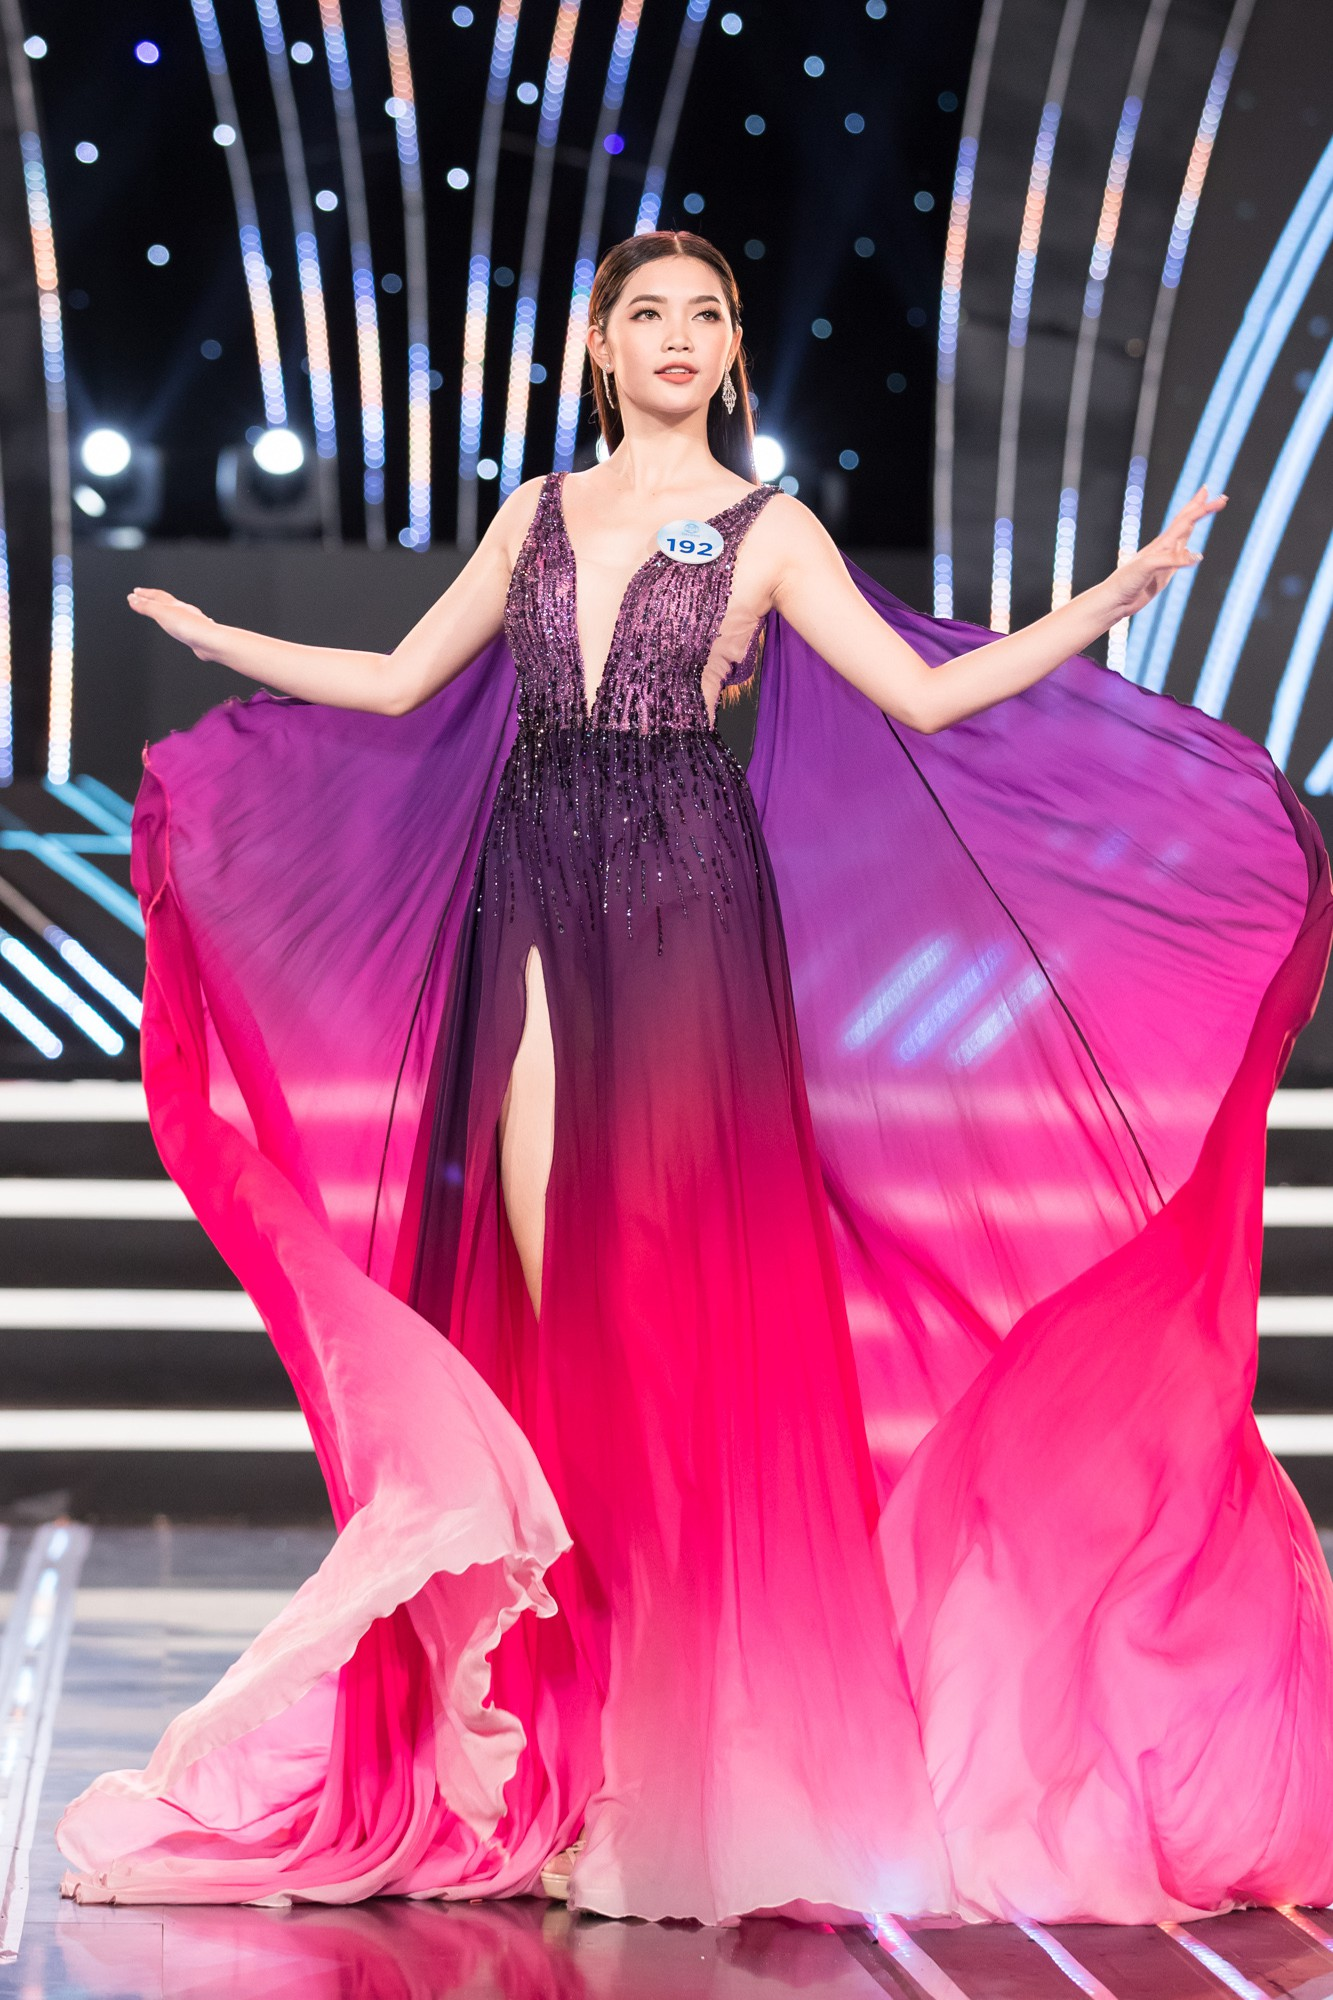 Chính thức lộ diện 20 chiến binh tiếp theo bước vào vòng chung kết Miss World Việt Nam 2019 - Ảnh 2.